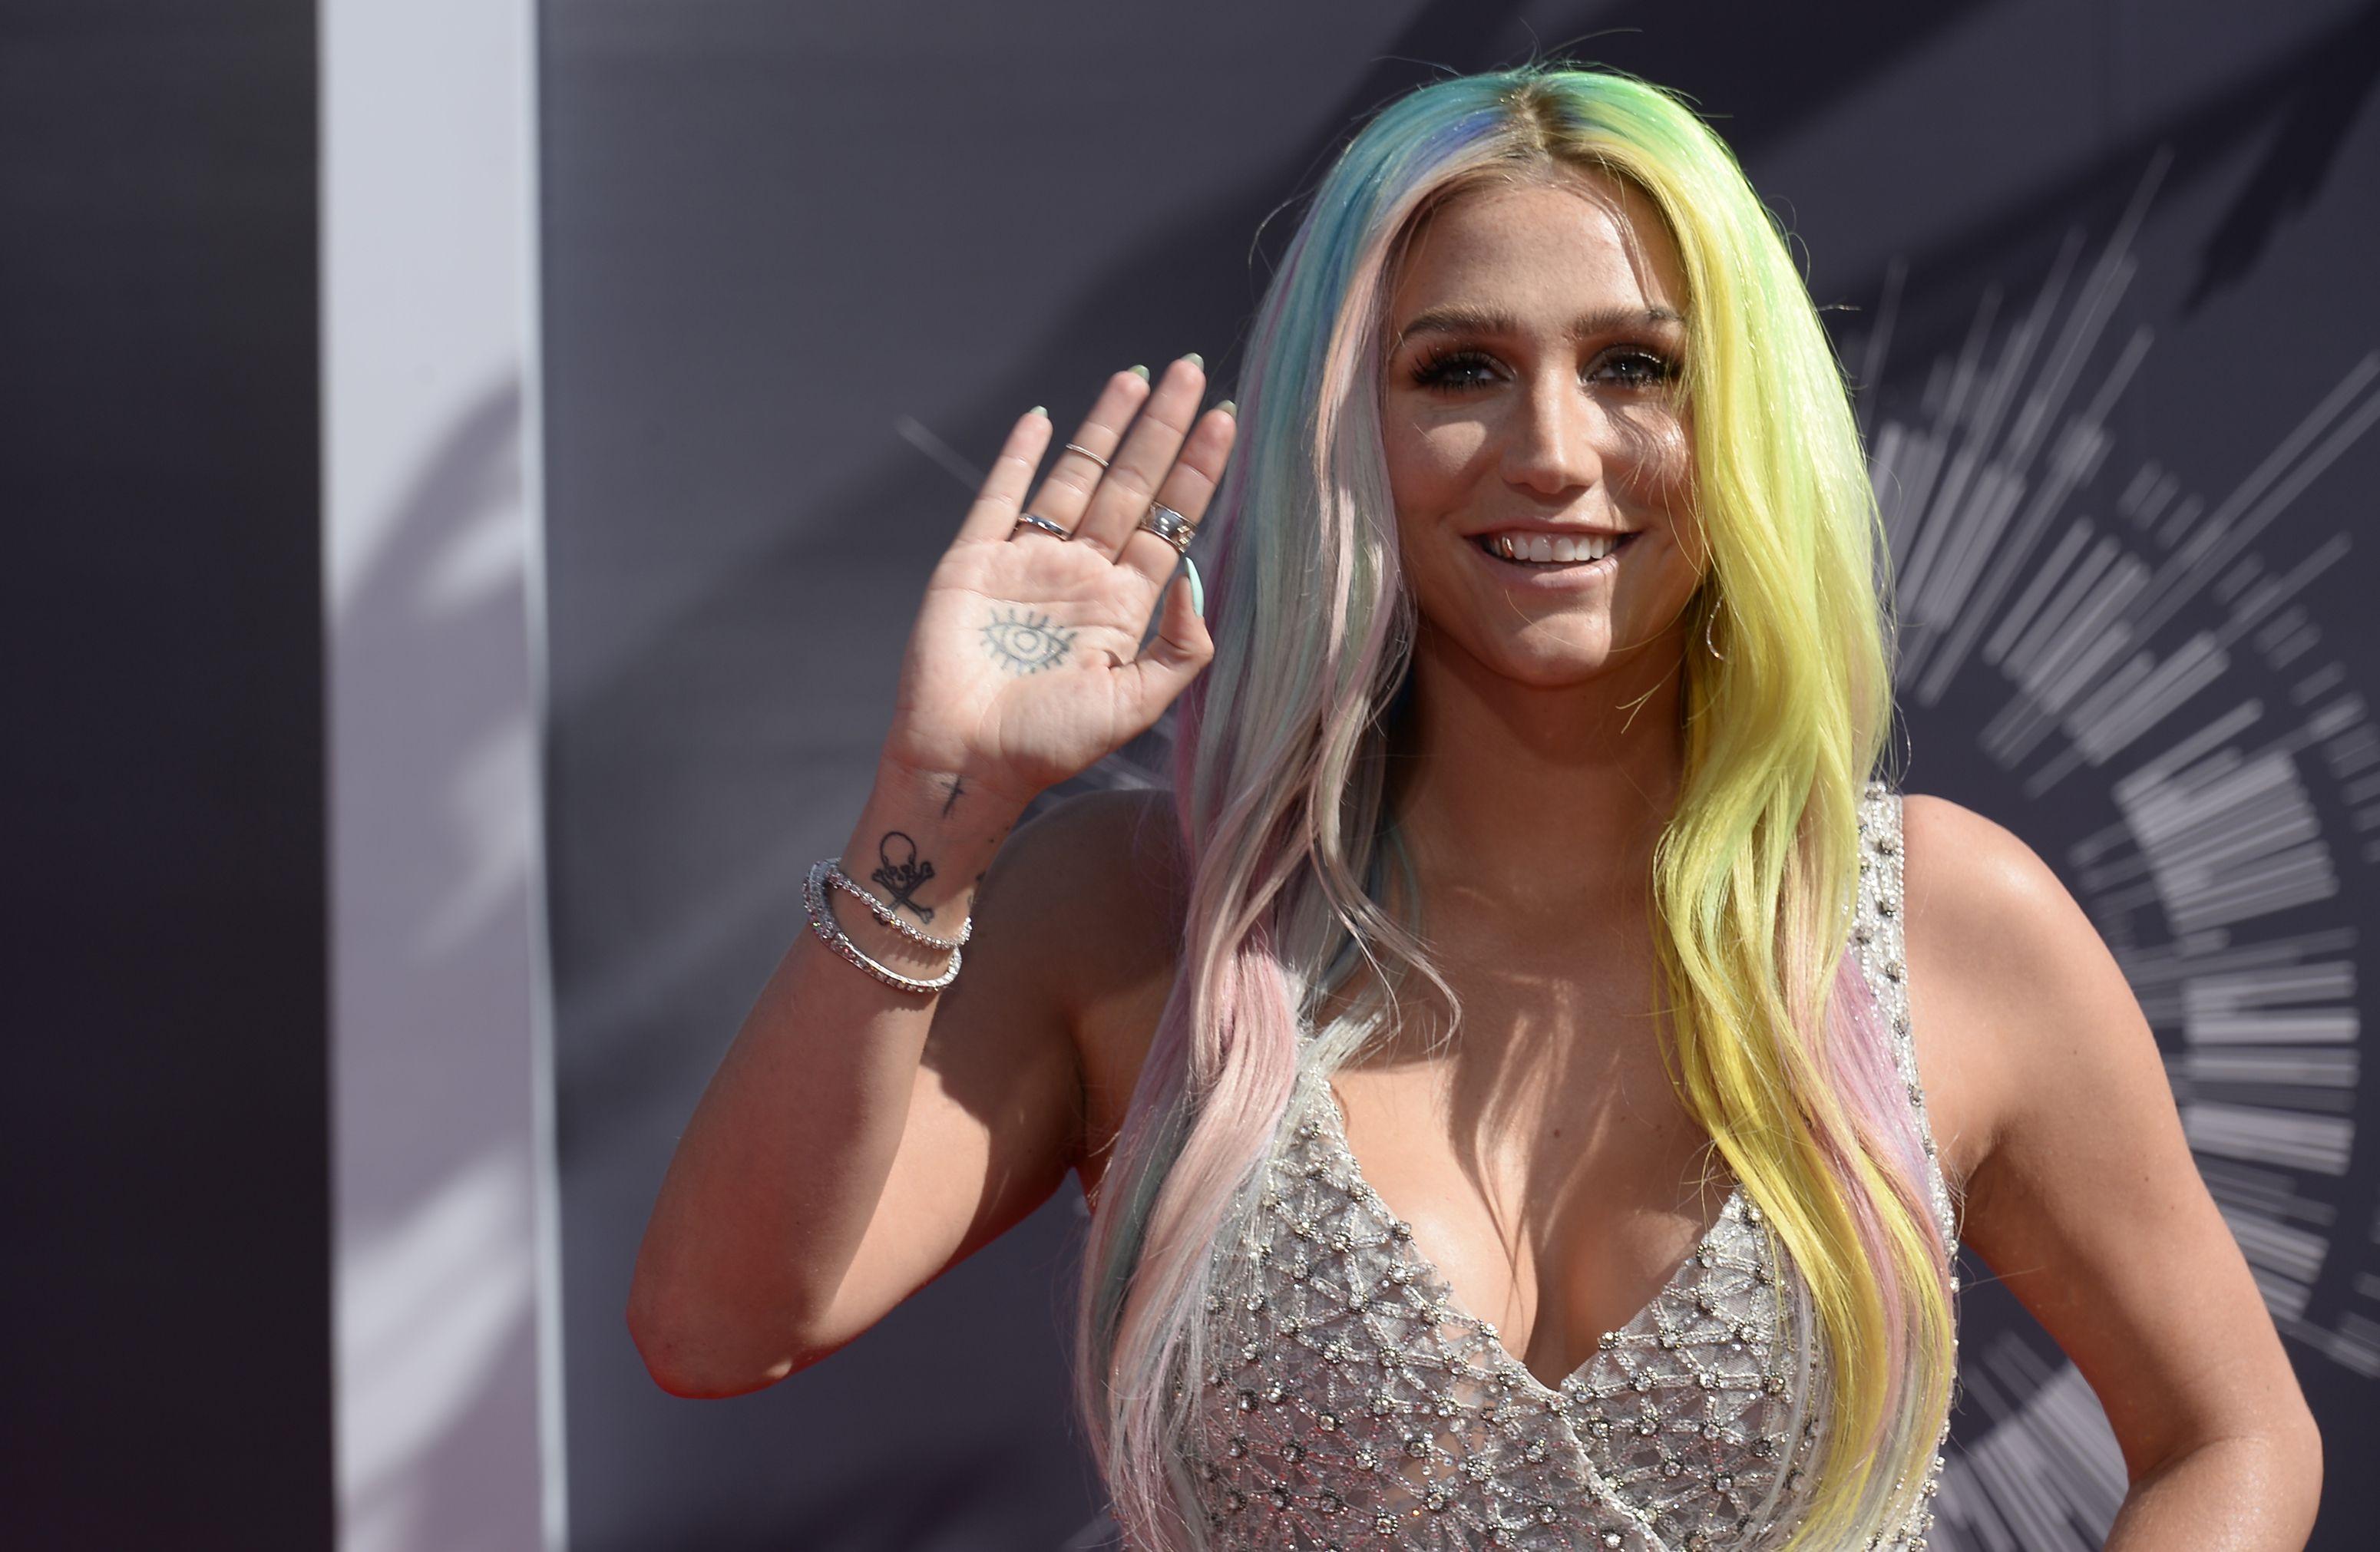 foto: 1 - Para curtir o sábado tem clipe da Kesha e Fifth Harmony e Philip Phillips